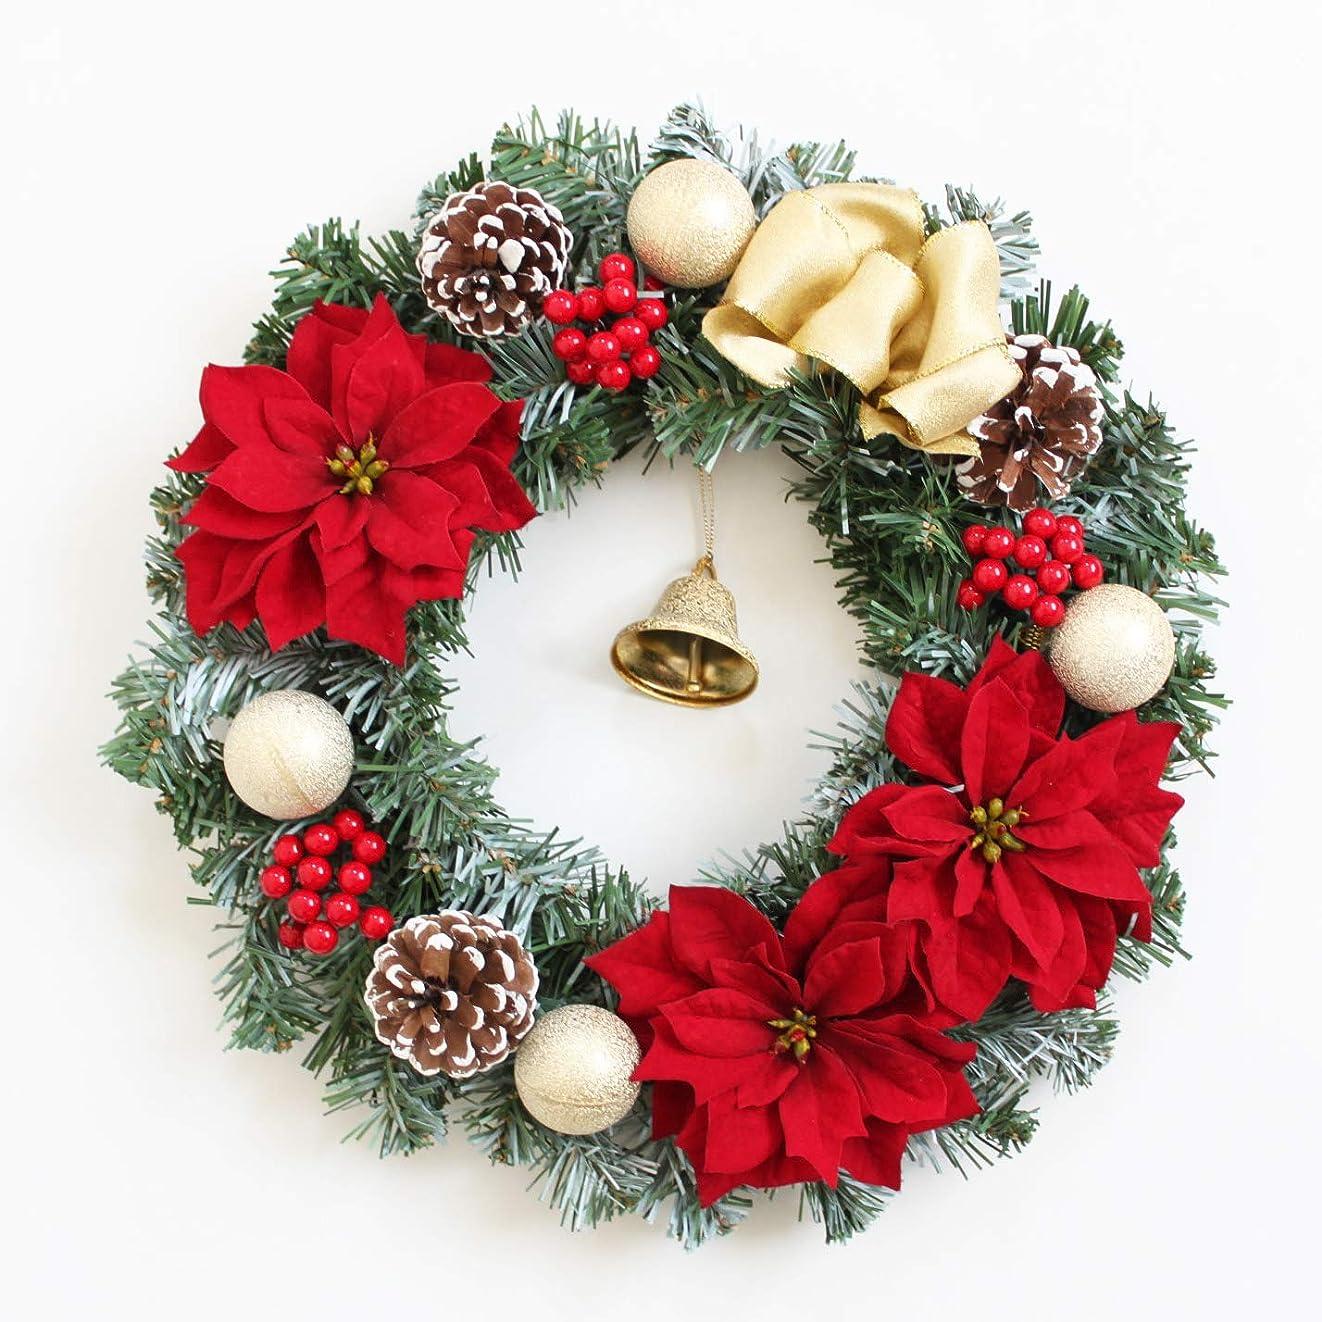 ヘッドレス予感精査するグランドグルー クリスマスリース クリスマス 飾り 造花 アーティフィシャルフラワー ハンドメイド クリスマス用玄関飾り 壁掛け